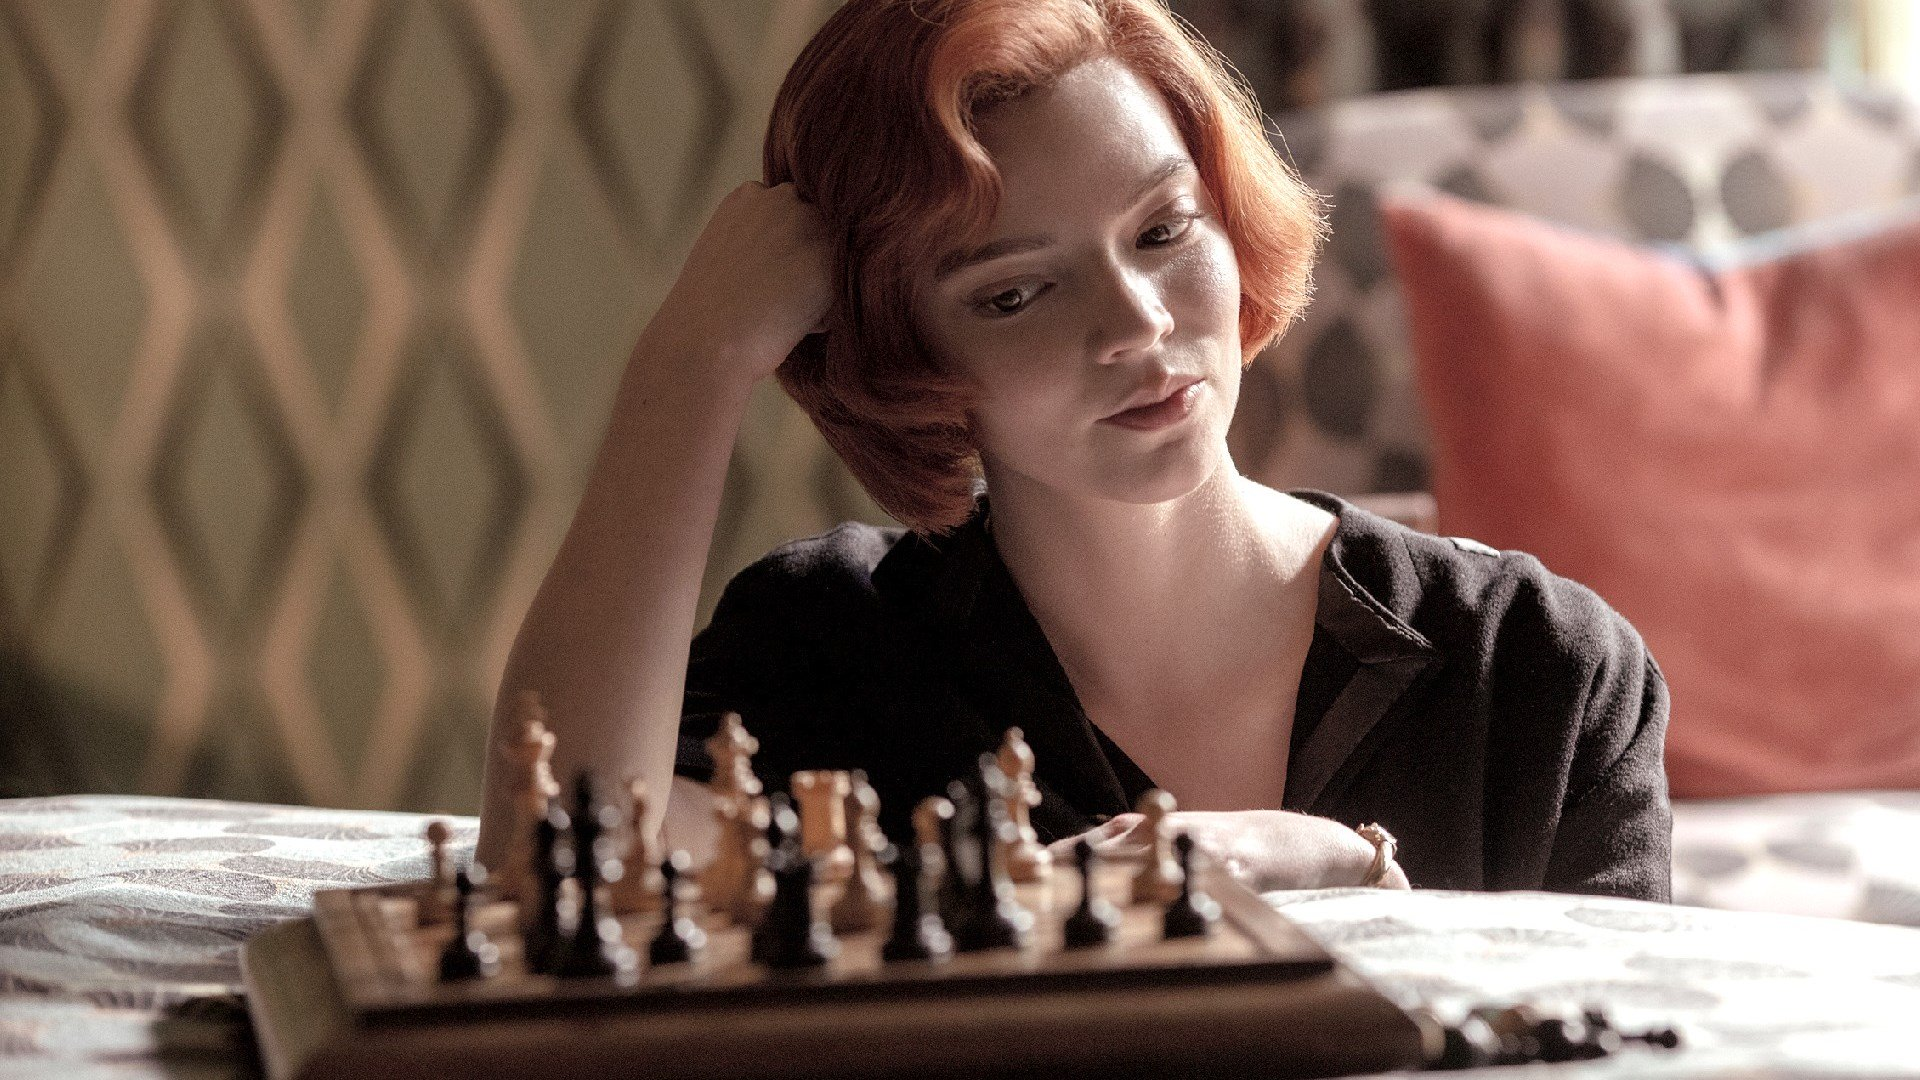 La regina degli scacchi, un fan trova un'errore a tema Marvel e DC